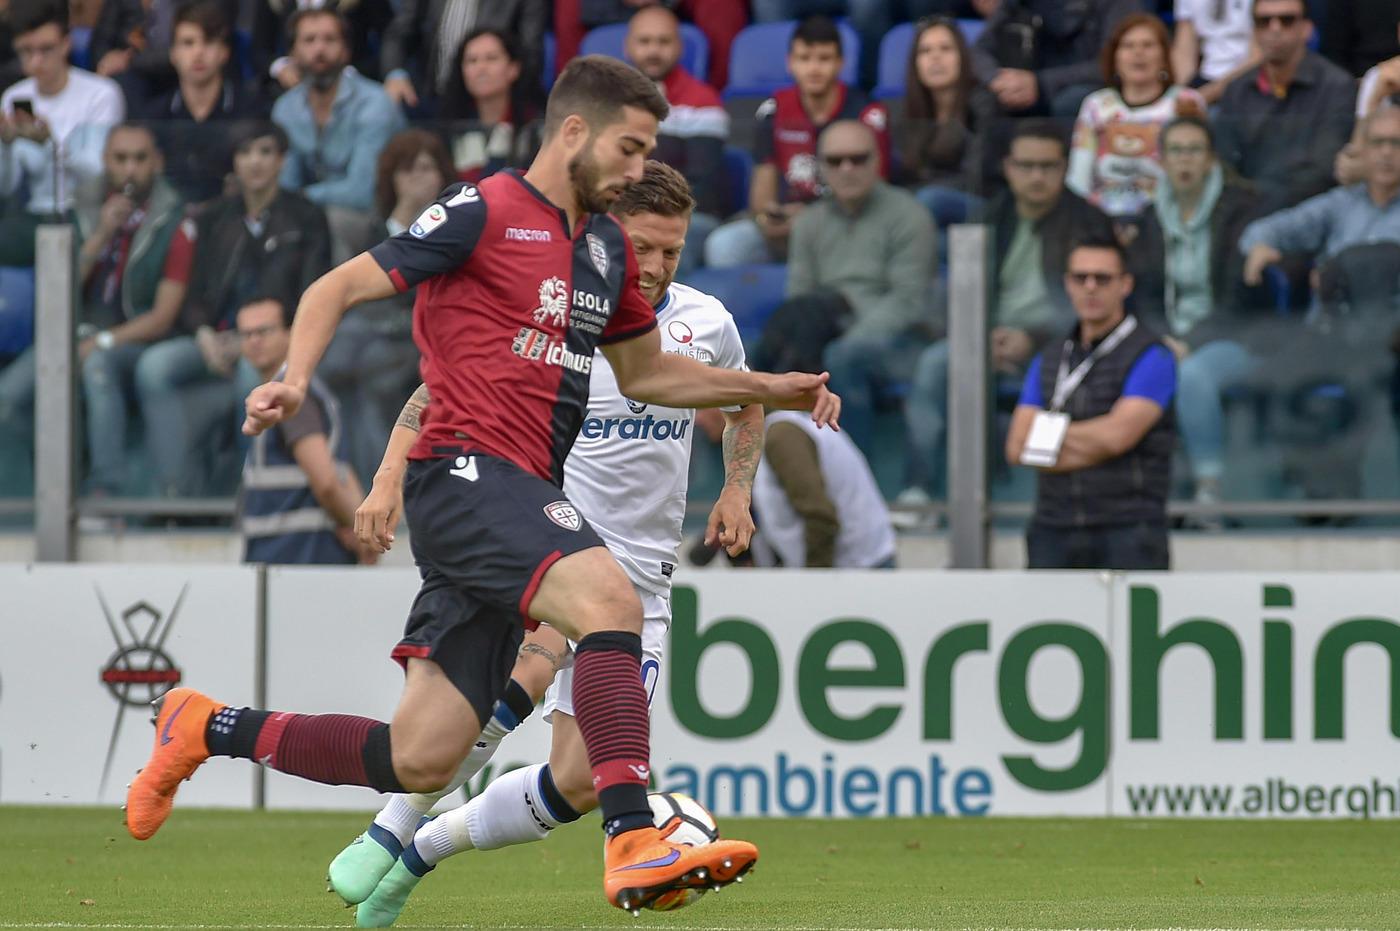 Nell'ultima giornata di Serie A, il Cagliari batte 1-0 l'Atalanta ma alla fine possono festeggiare entrambe: i sardi la salvezza, i bergamaschi vanno in Europa League per la seconda volta di fila ma questa volta dovranno passare dai preliminari a causa del settimo posto finale alle spalle del Milan. La gara è decisa all'87' da un colpo di testa di Ceppitelli. Nel recupero Caldara, all'ultima con la Dea, calcia alto il rigore del pareggio.